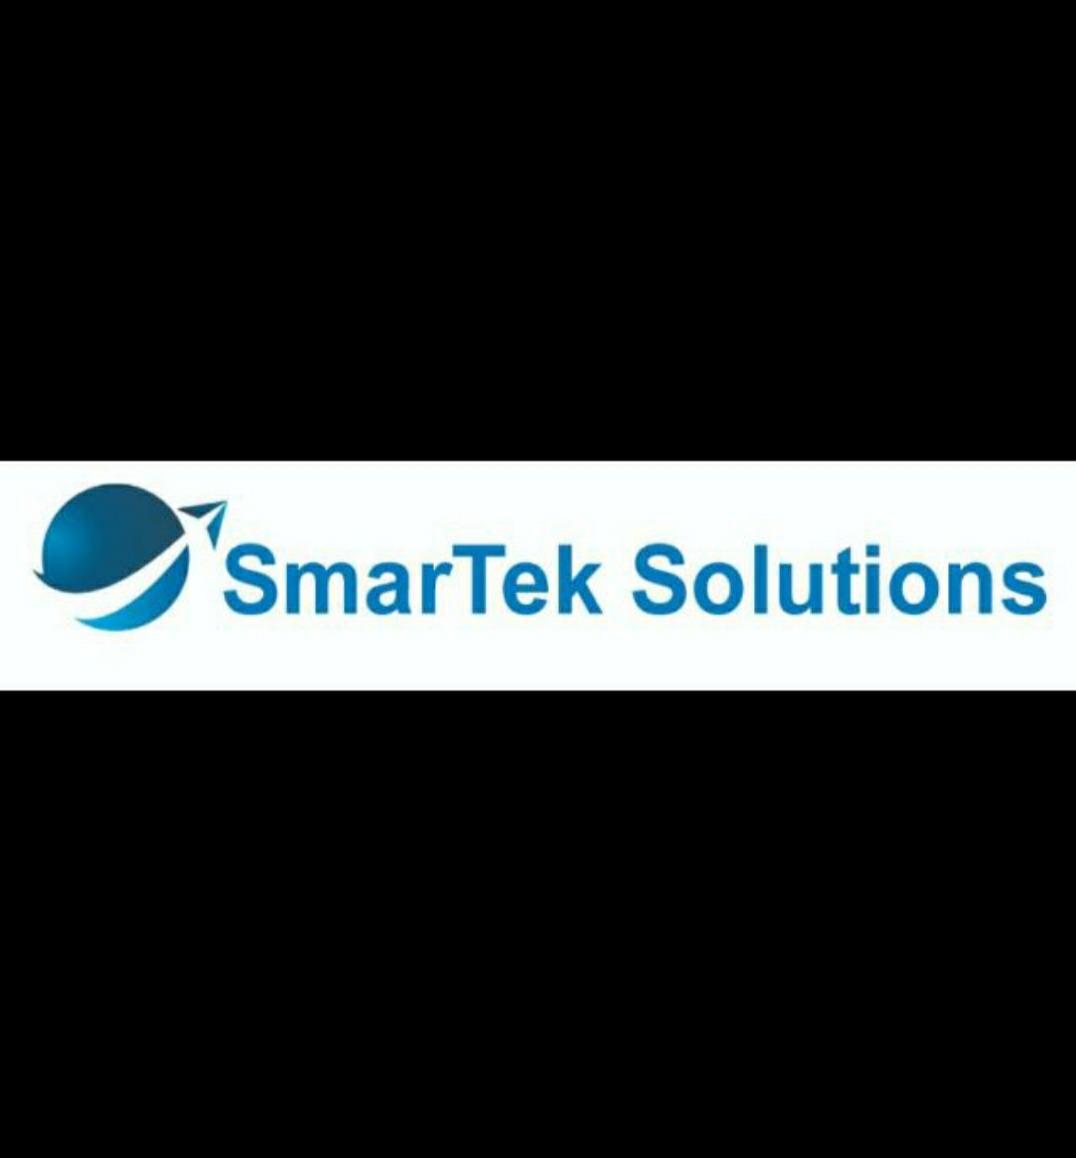 SmarTek Solutions